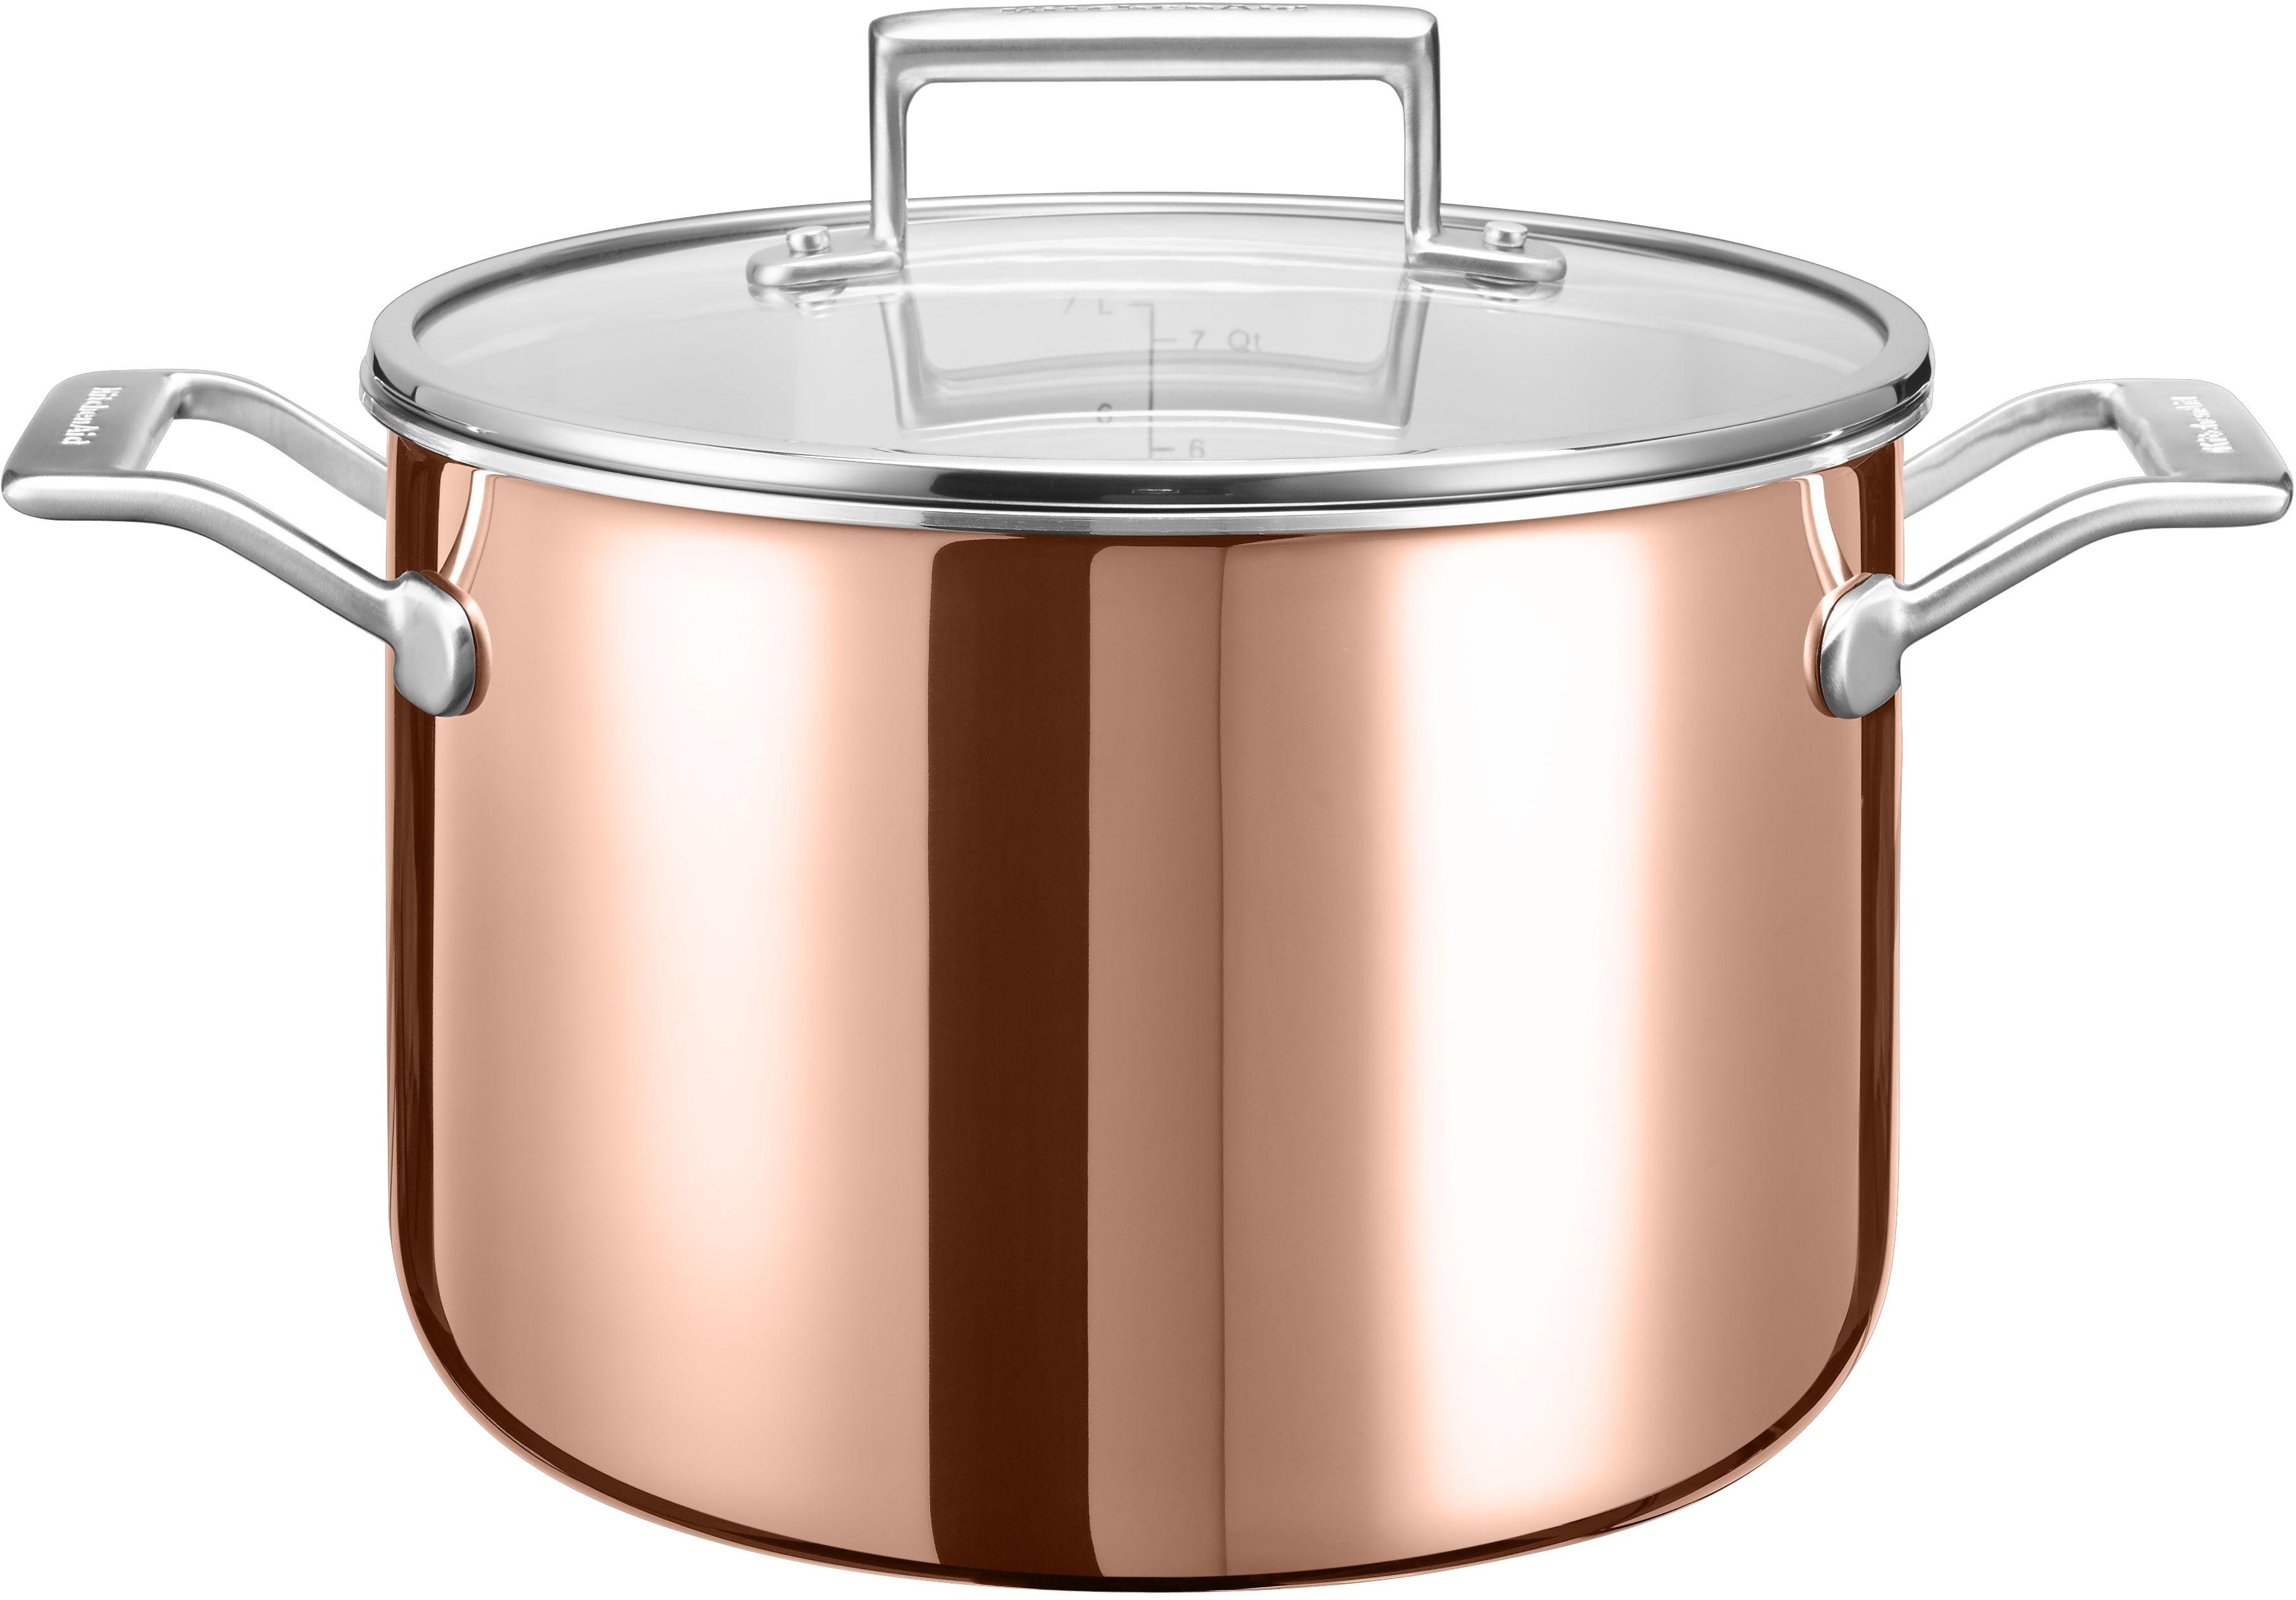 KitchenAid Suppentopf (1-tlg) Wohnen/Haushalt/Haushaltswaren/Töpfe/Suppentöpfe